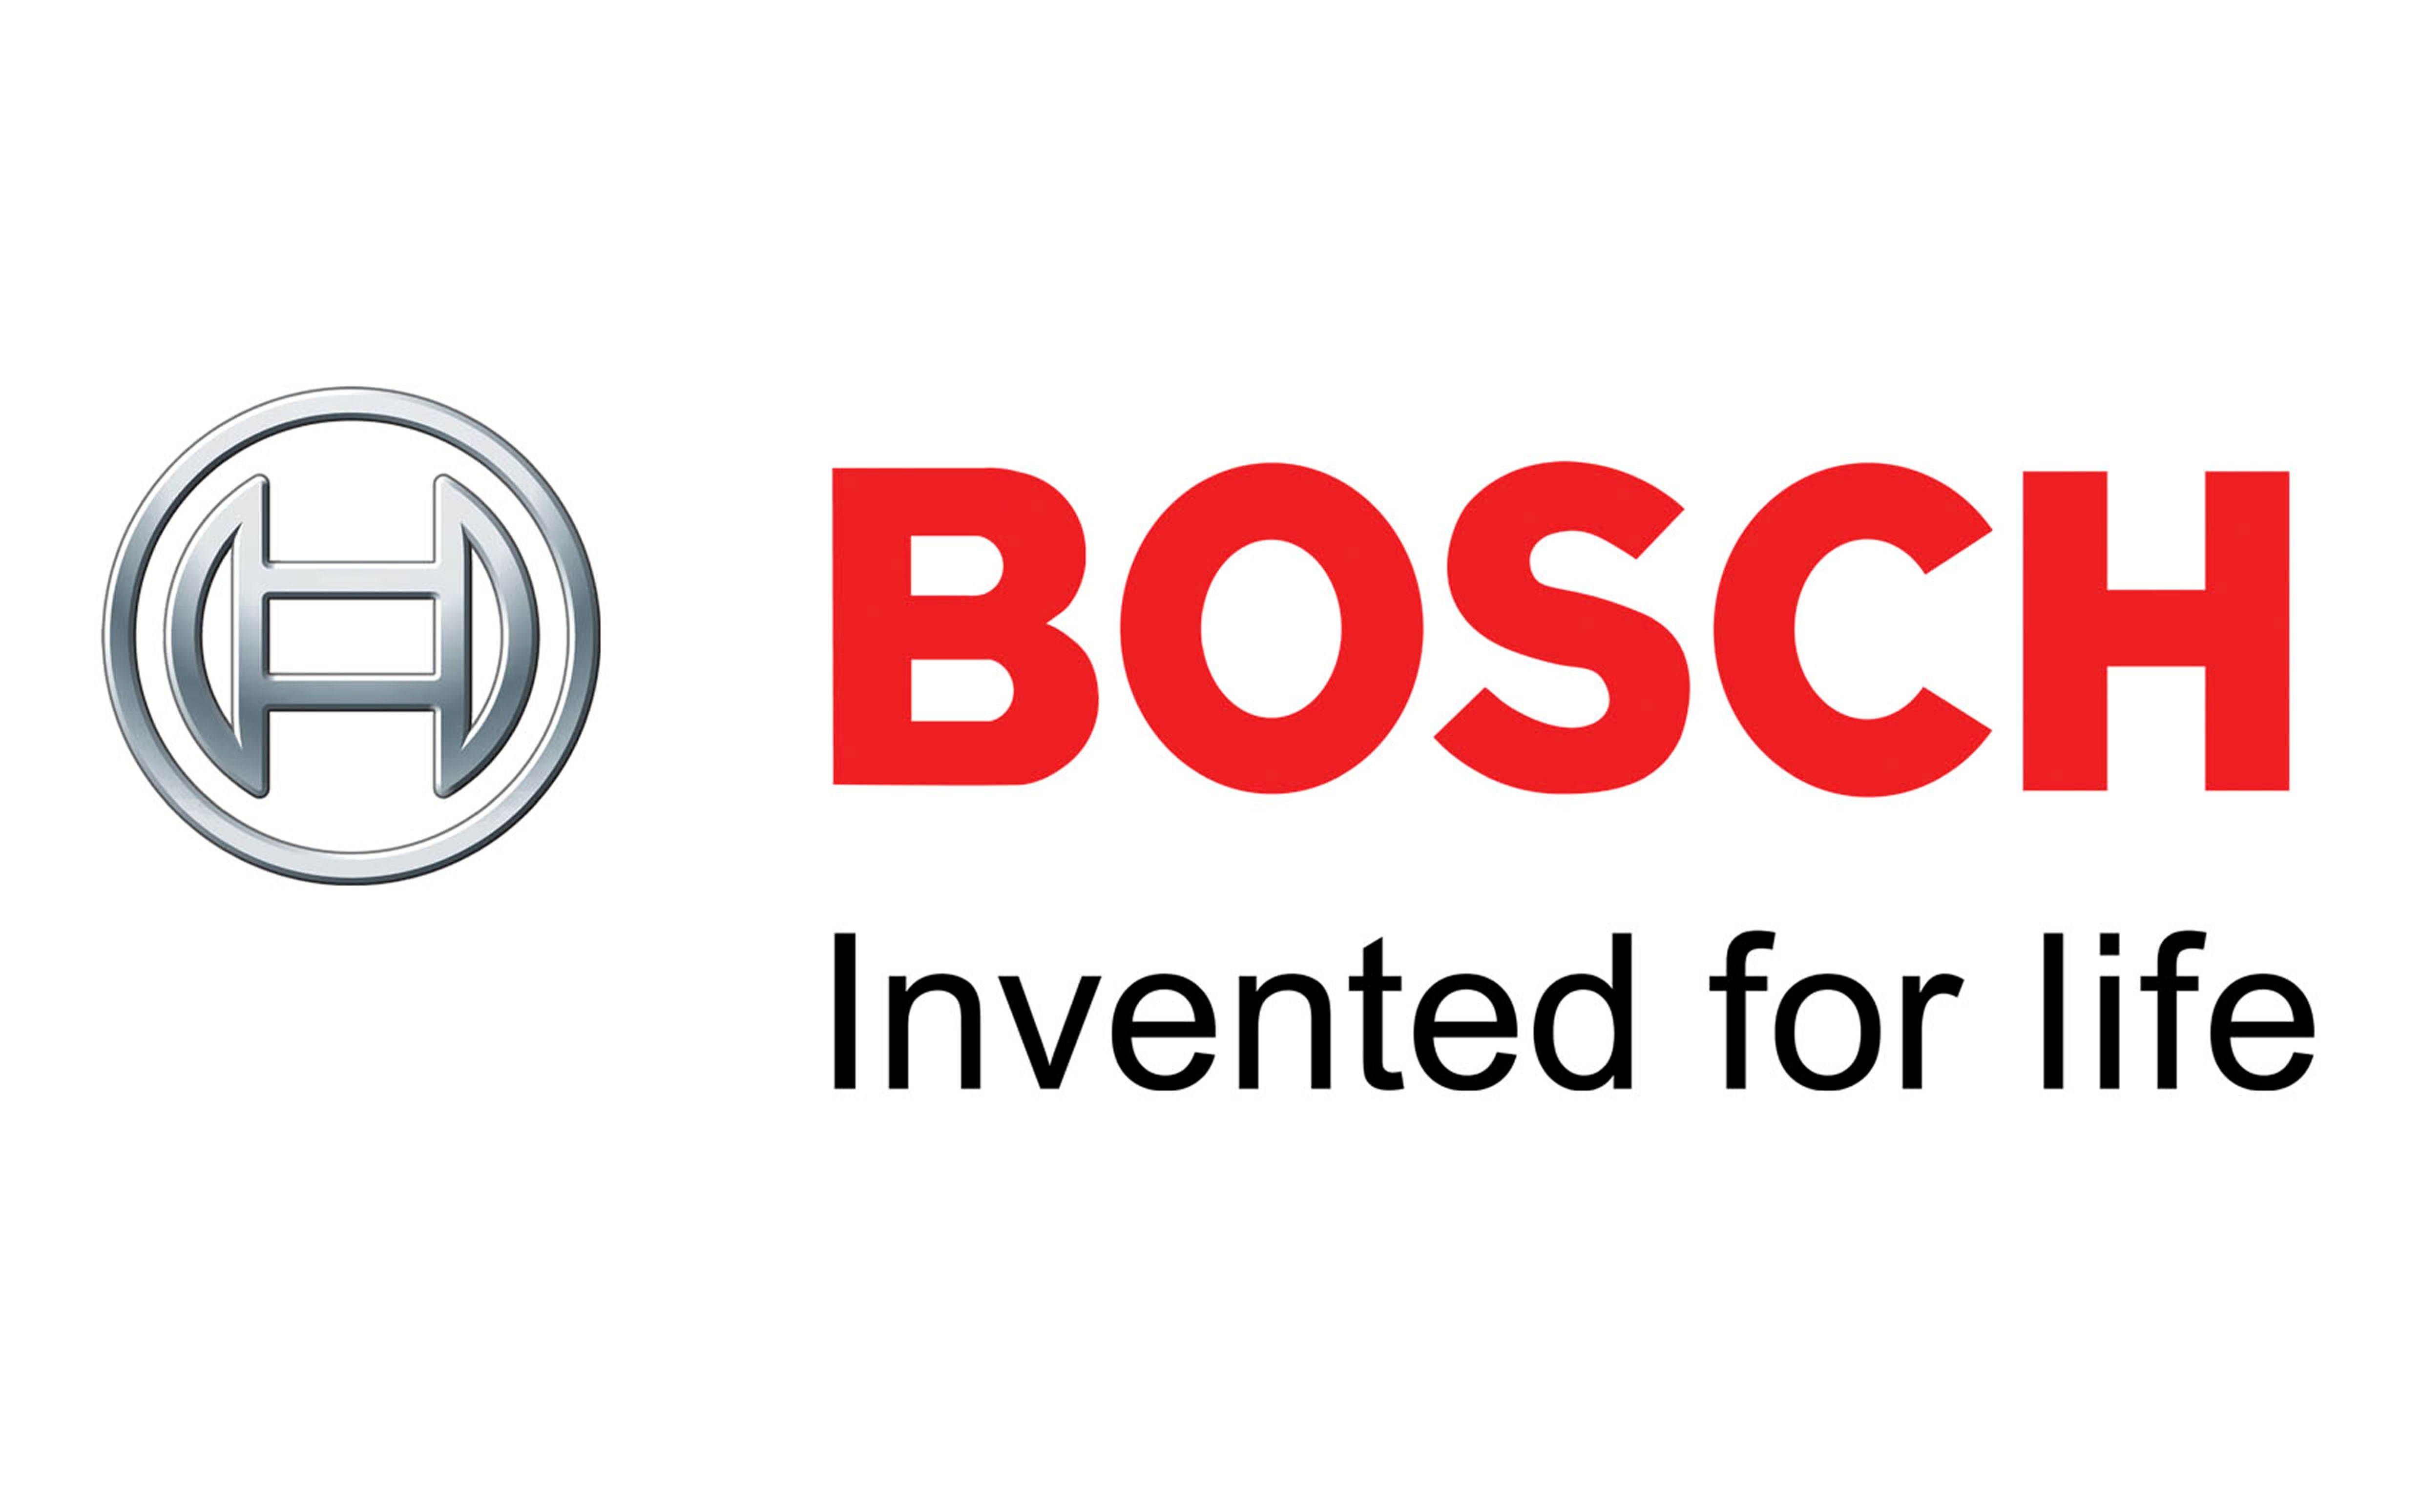 Эмбиент-акция от Bosch: пример качественного PR